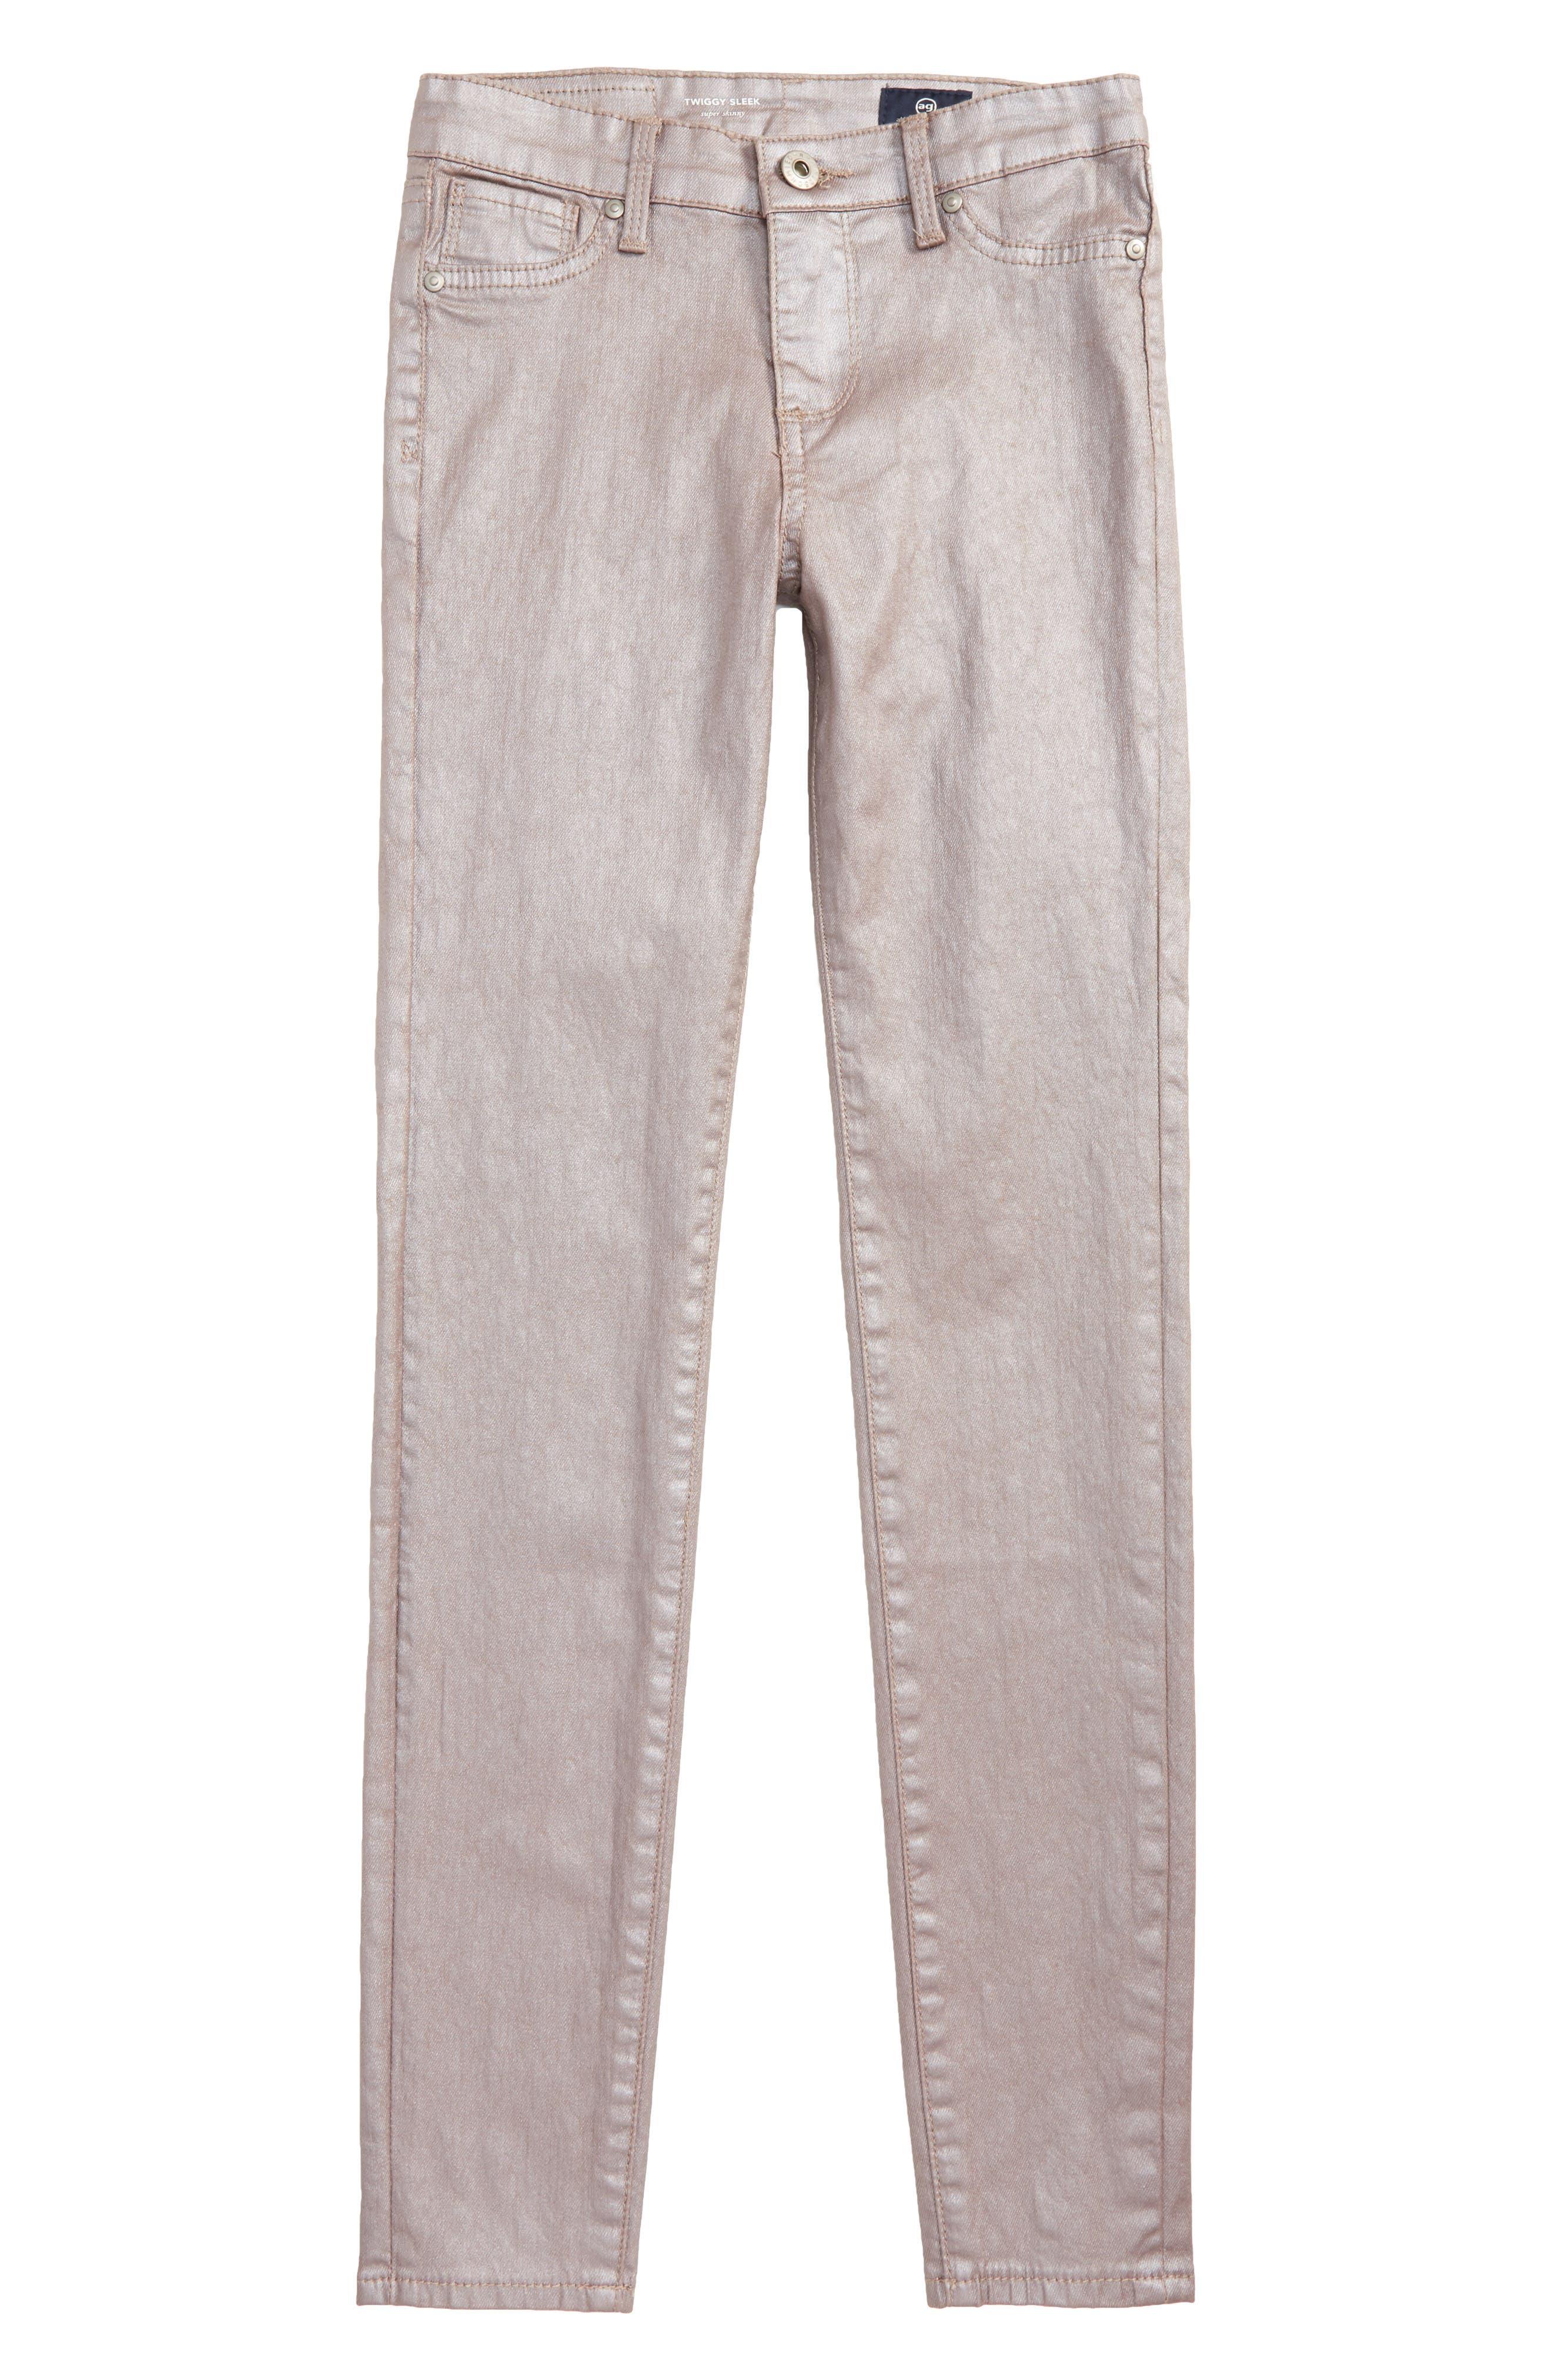 ag adriano goldschmied kids The Sleek Twiggy Ankle Jeans (Big Girls)